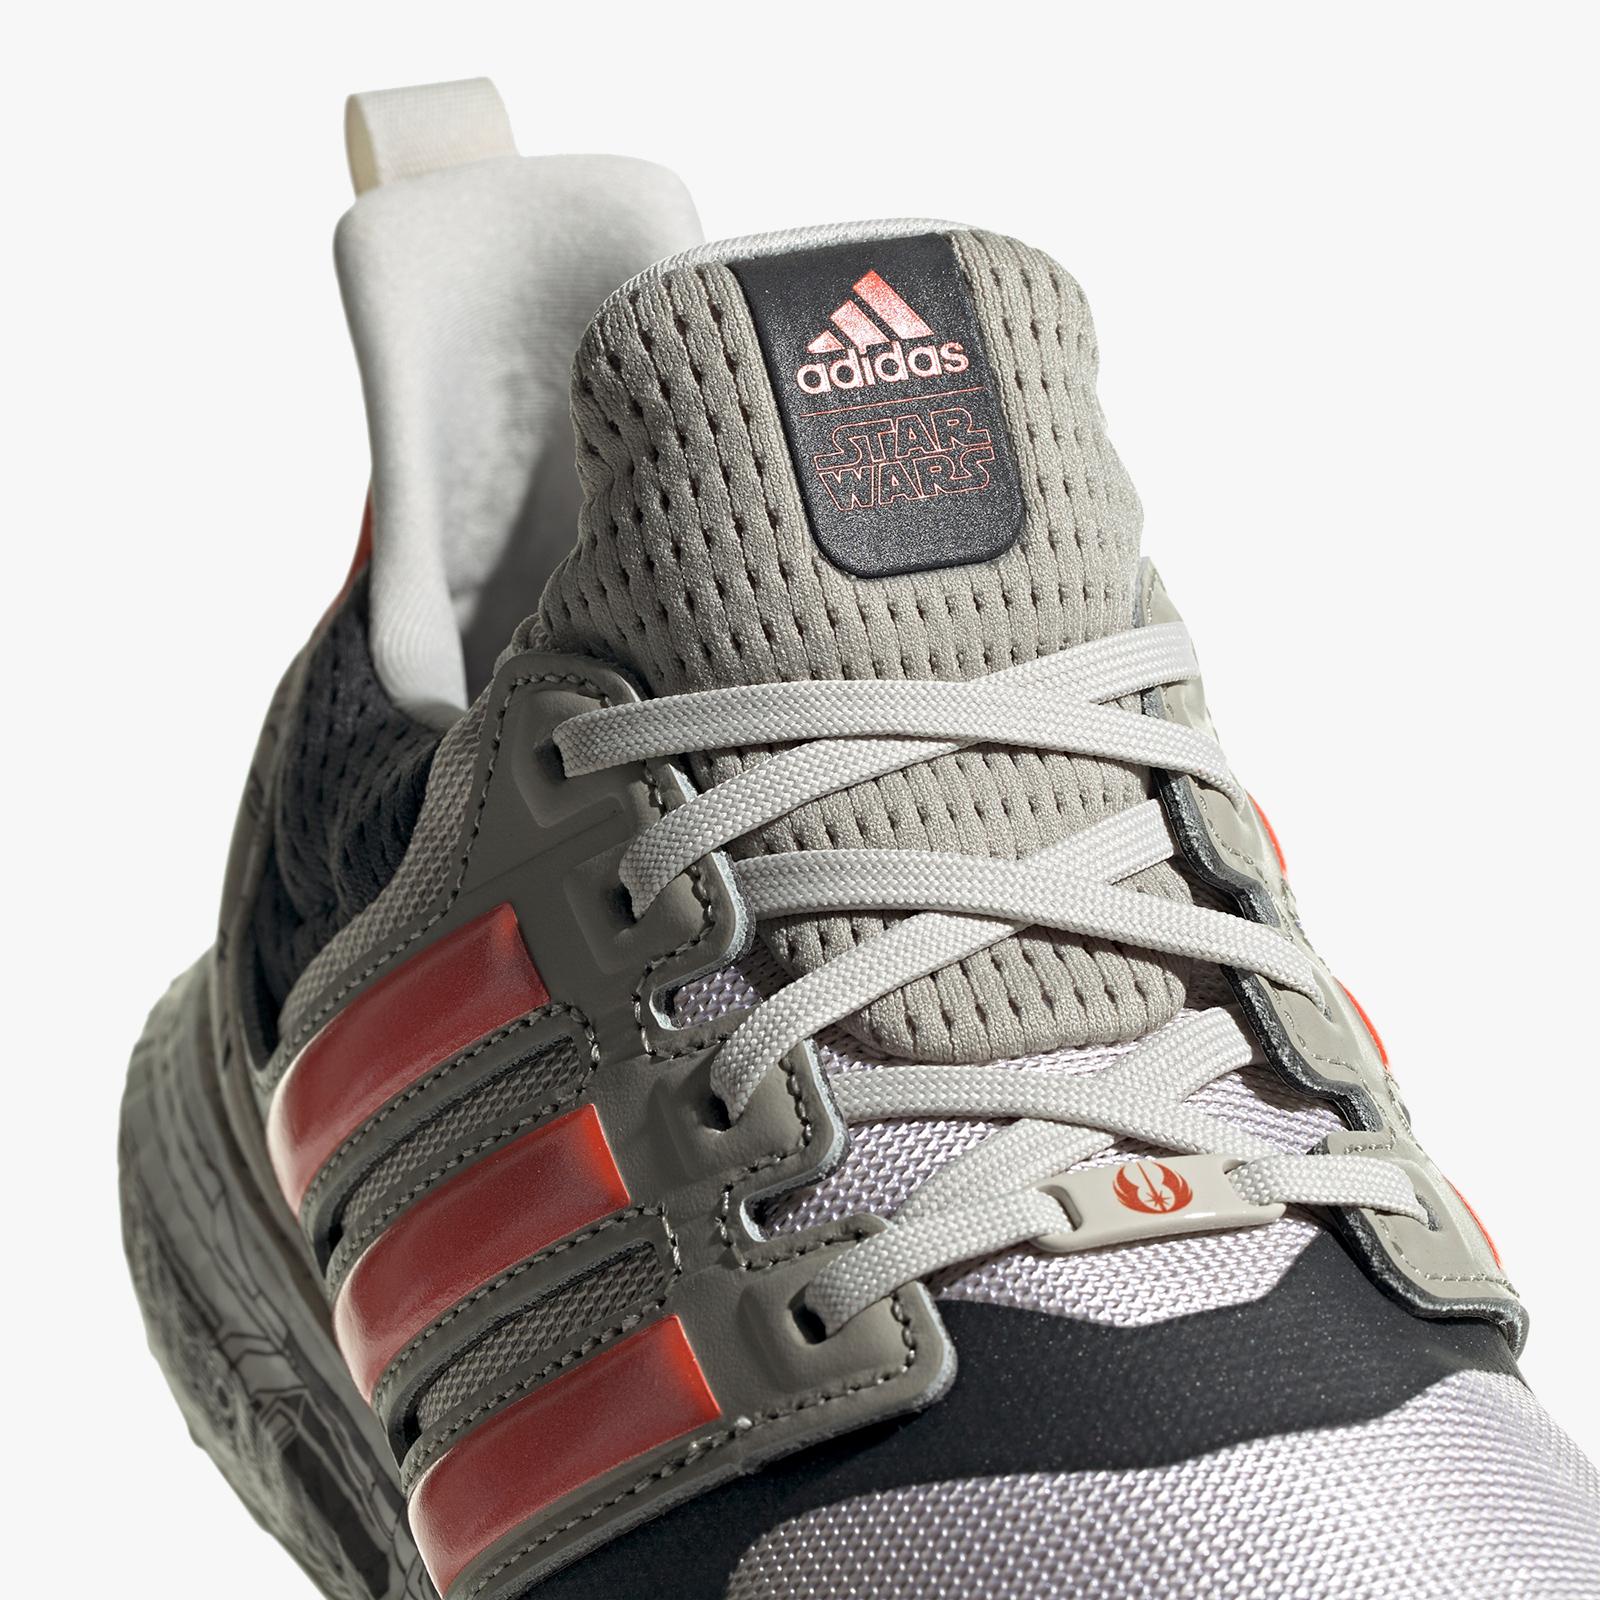 adidas UltraBOOST S&L Star Wars Fw0536 Sneakersnstuff